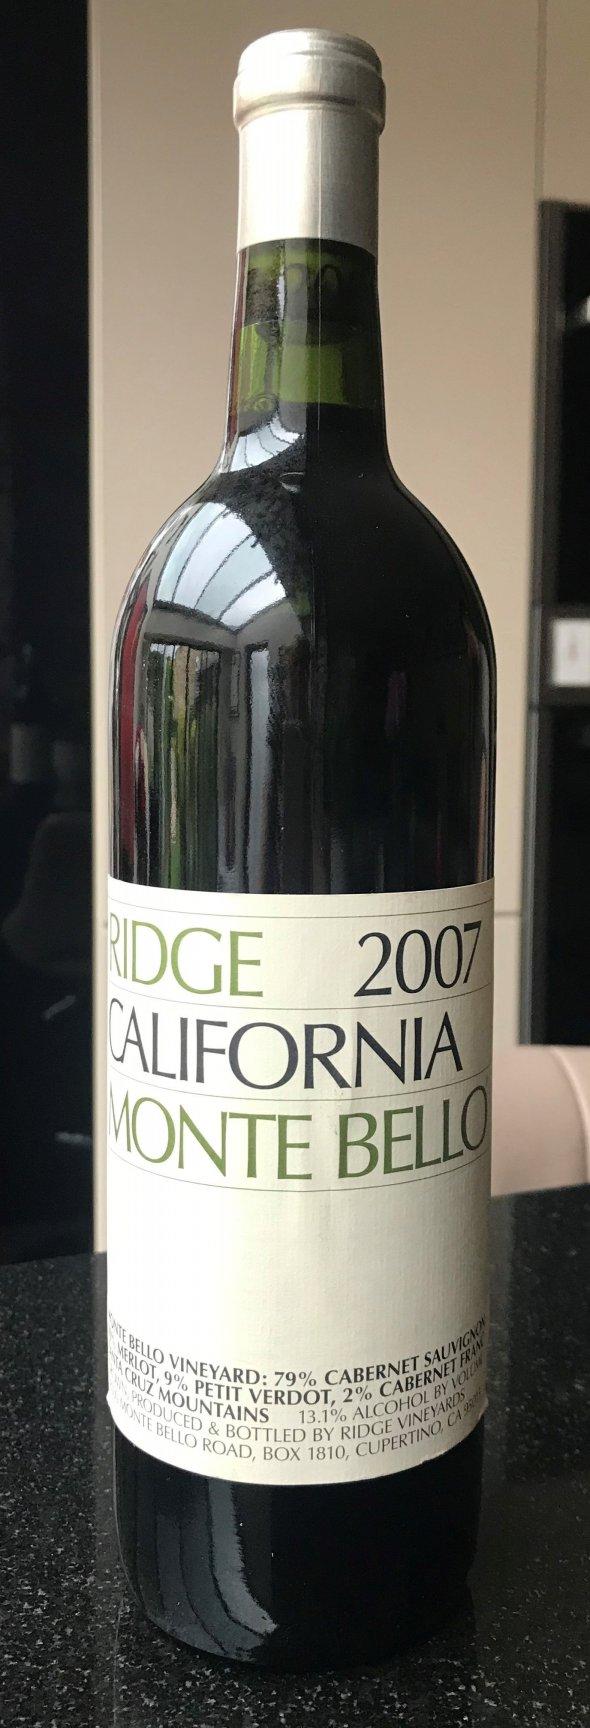 Ridge, California Cabernet Sauvignon Monte Bello, Santa Cruz Mountains